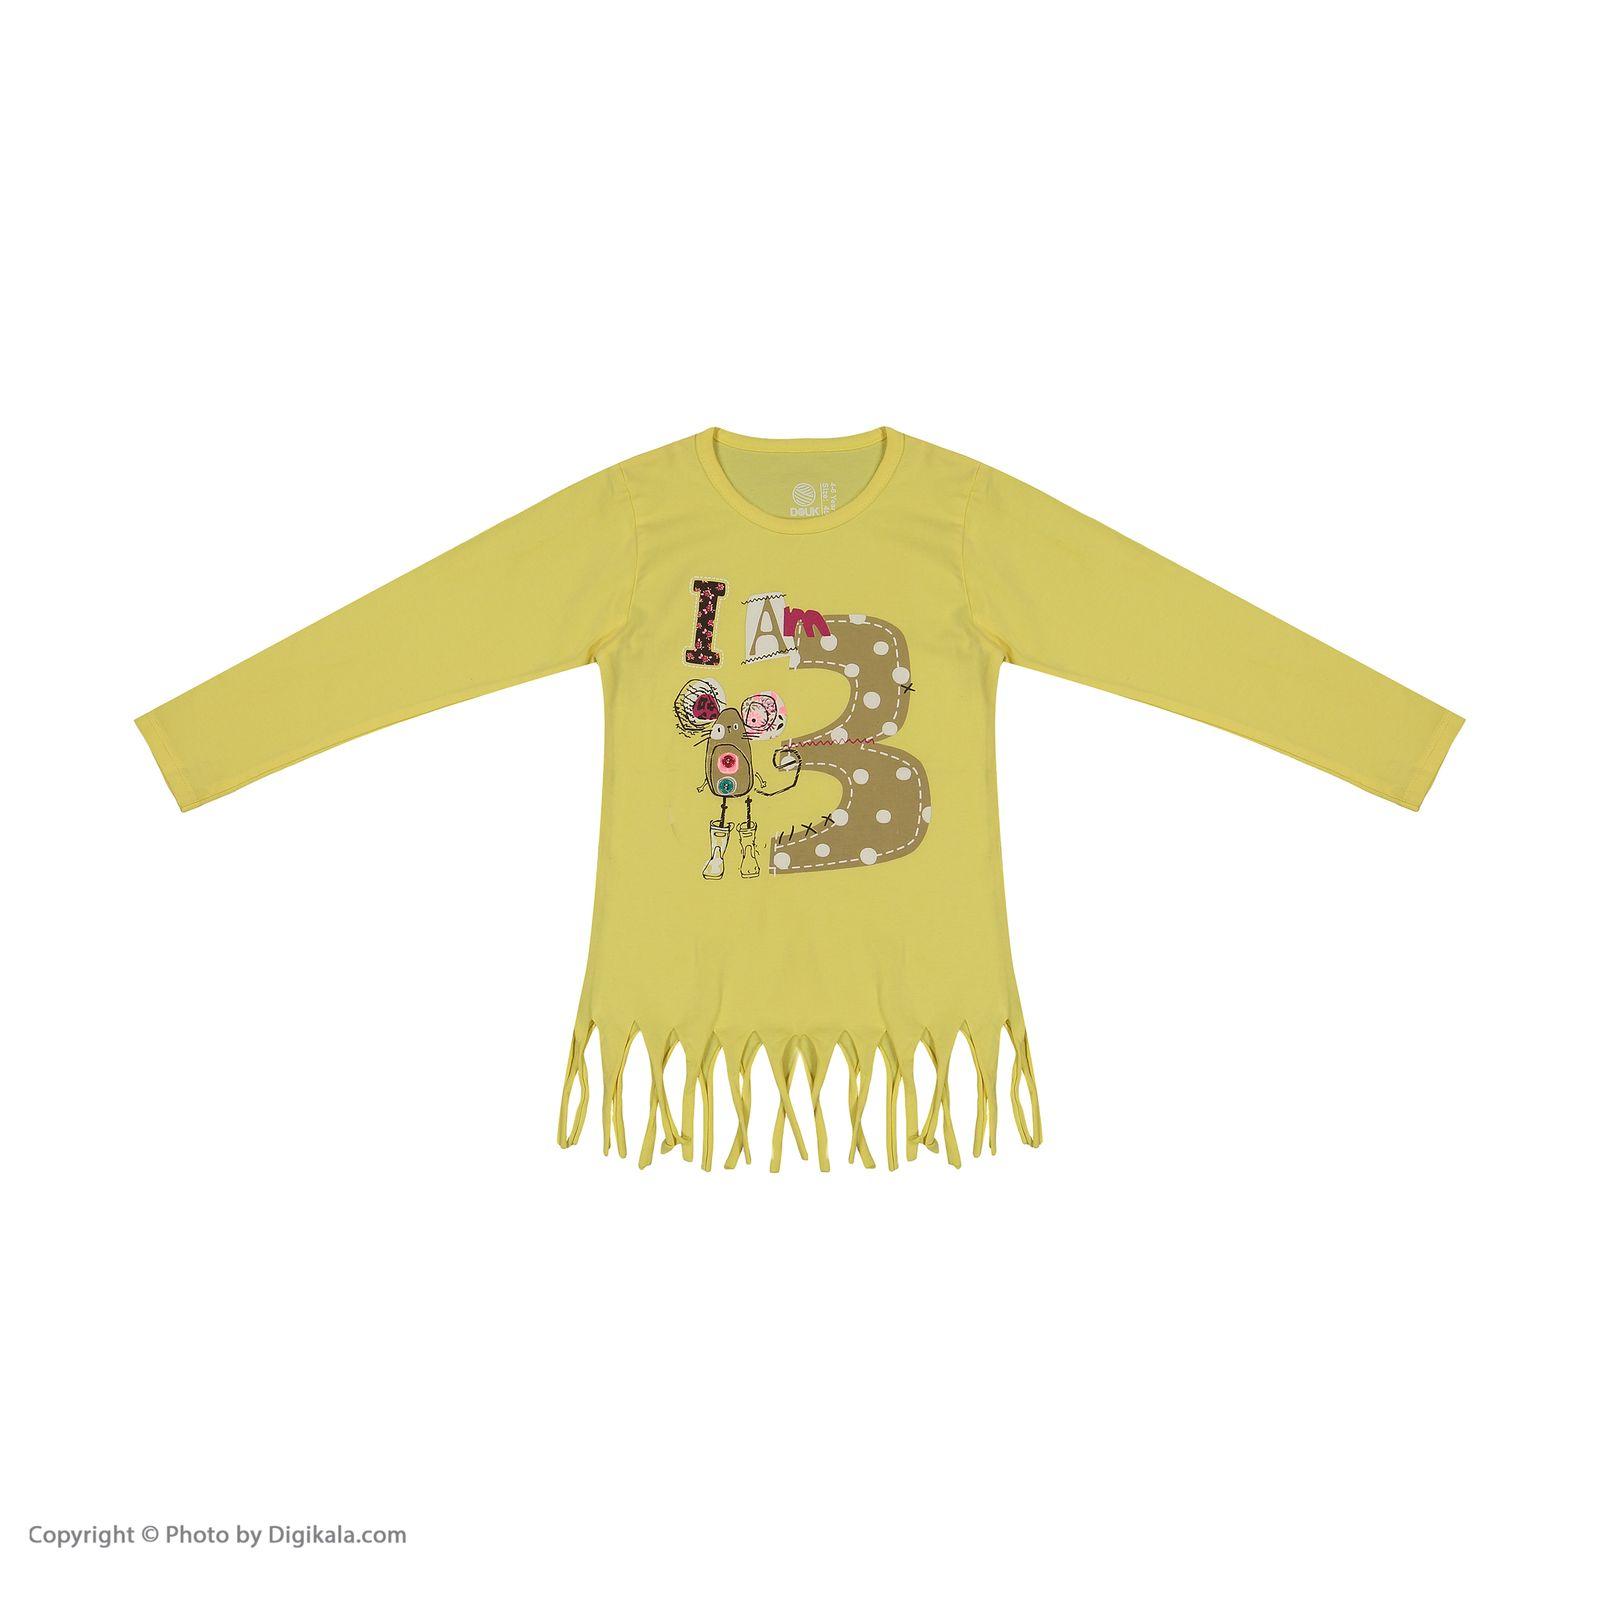 تی شرت دخترانه سون پون مدل 1391350-19 -  - 3